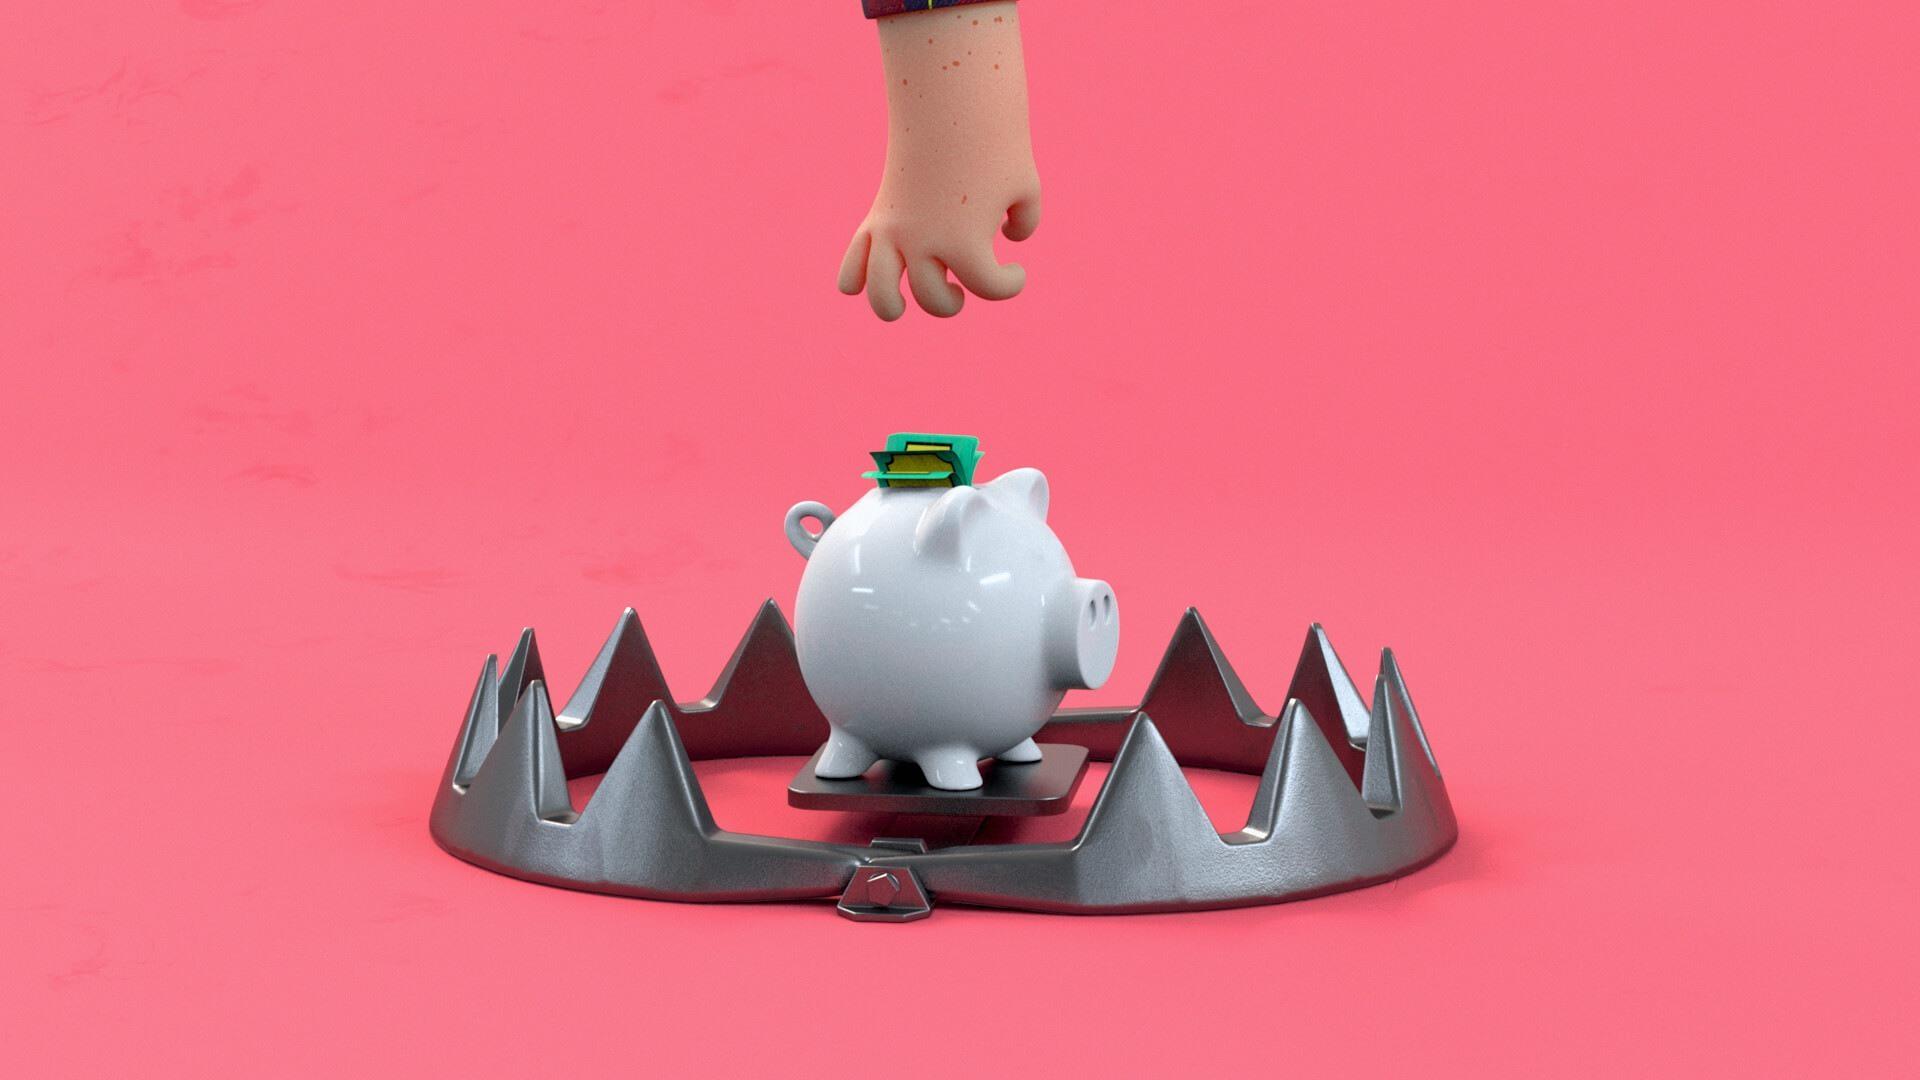 3d animasjon av en karakter som strekker seg mot en sparegris med penger med en bjoernefelle for lotteritilsynets informasjonsfilms hjernen paa spill